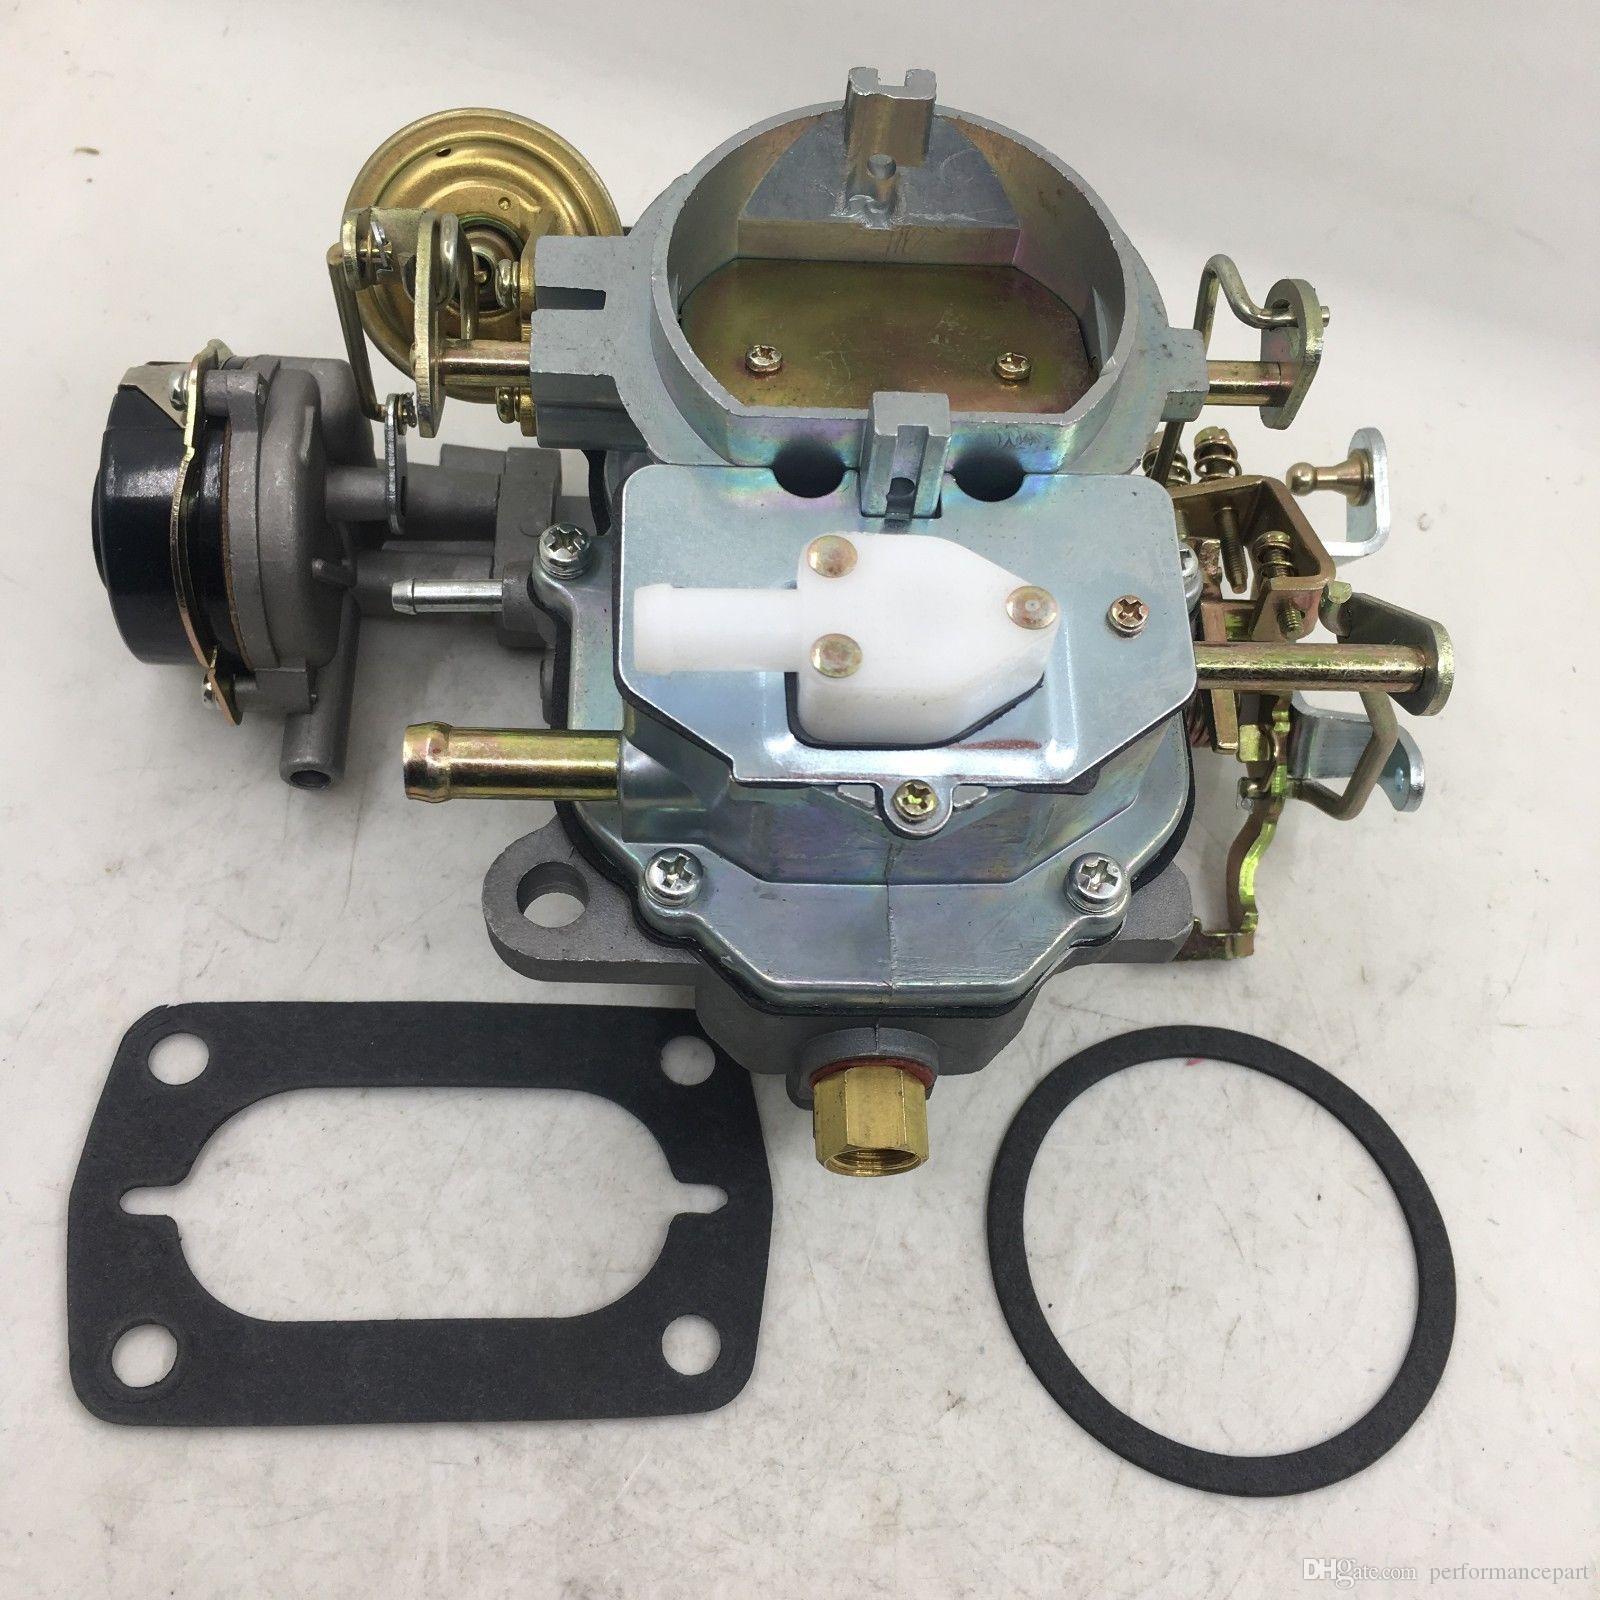 novo carburador / carb para Chrysler dodge motor MOPAR-PLYMOUTH V8 Carter  BBD ???